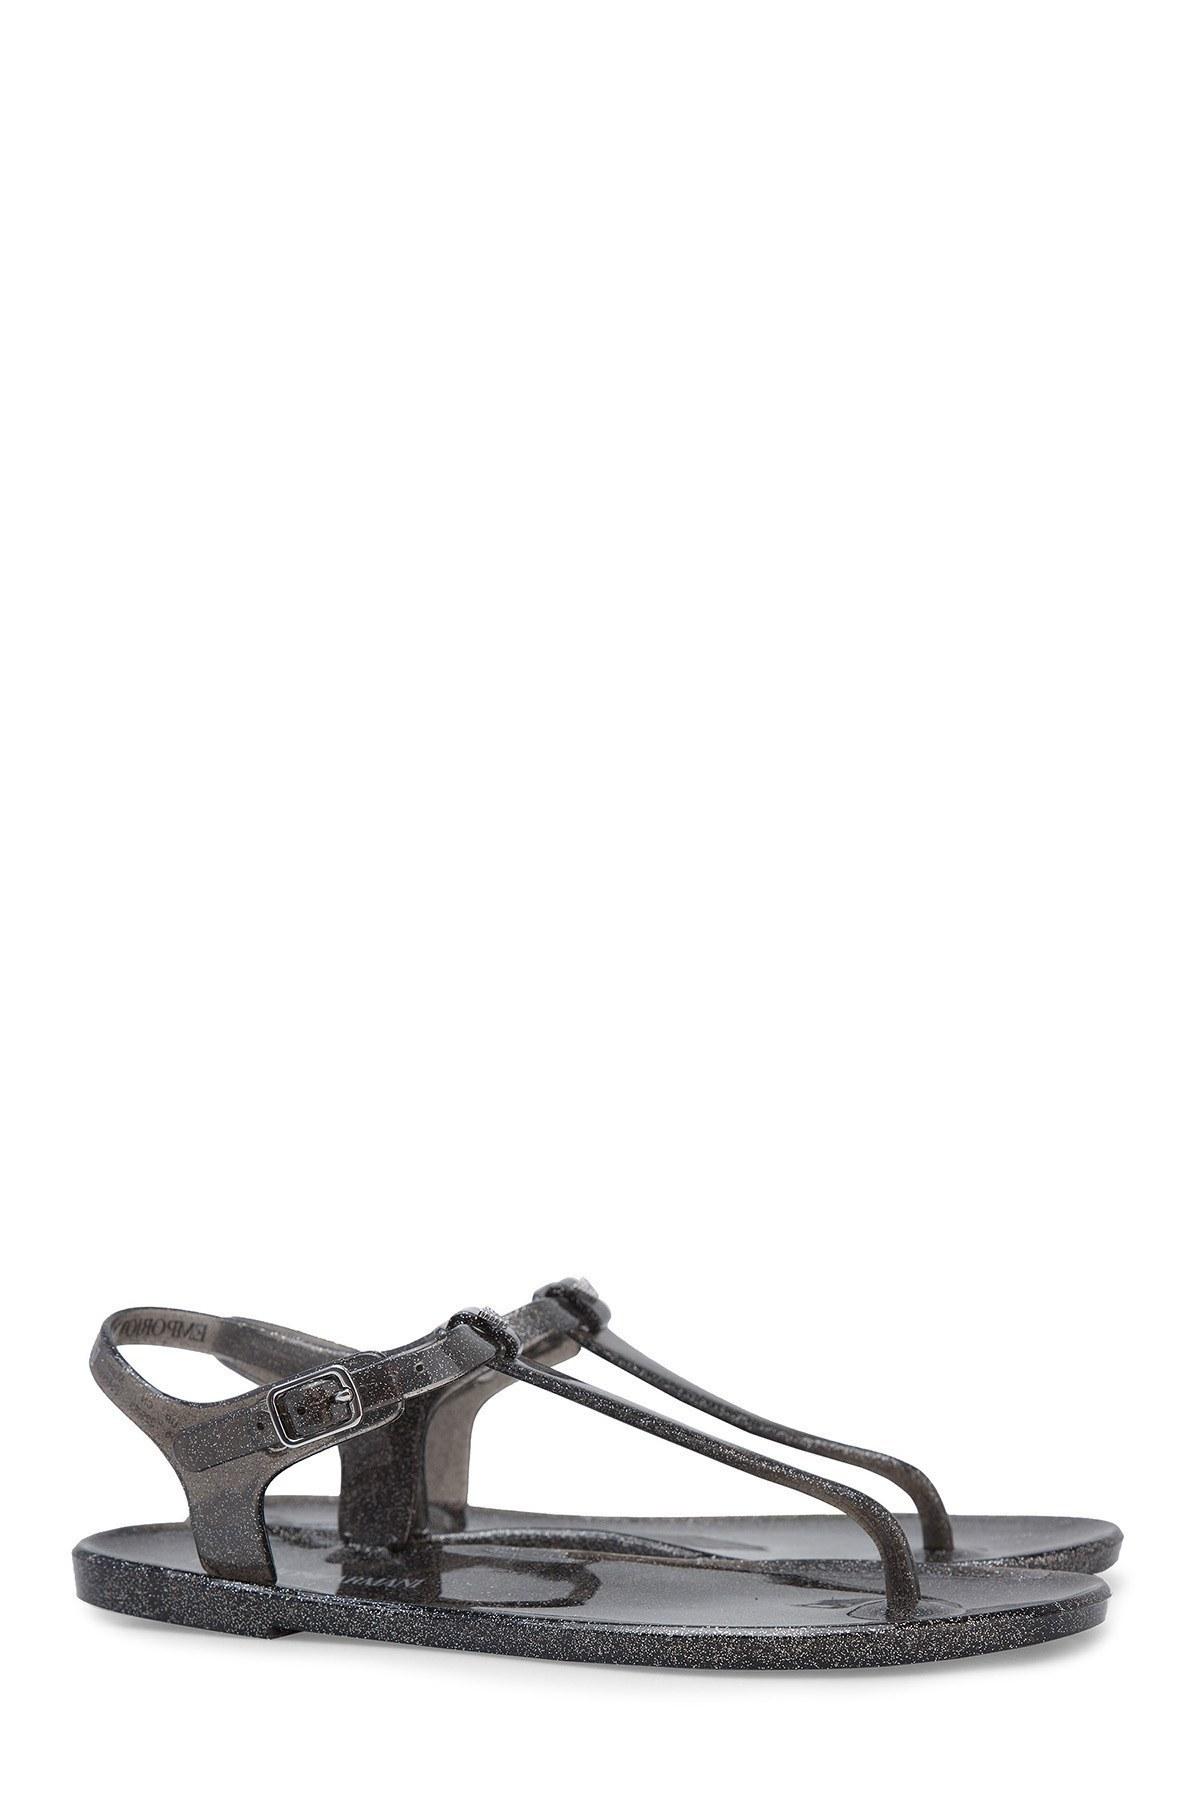 Emporio Armani Kadın Sandalet X3QS06 XL816 M603 SİYAH-GÜMÜŞ